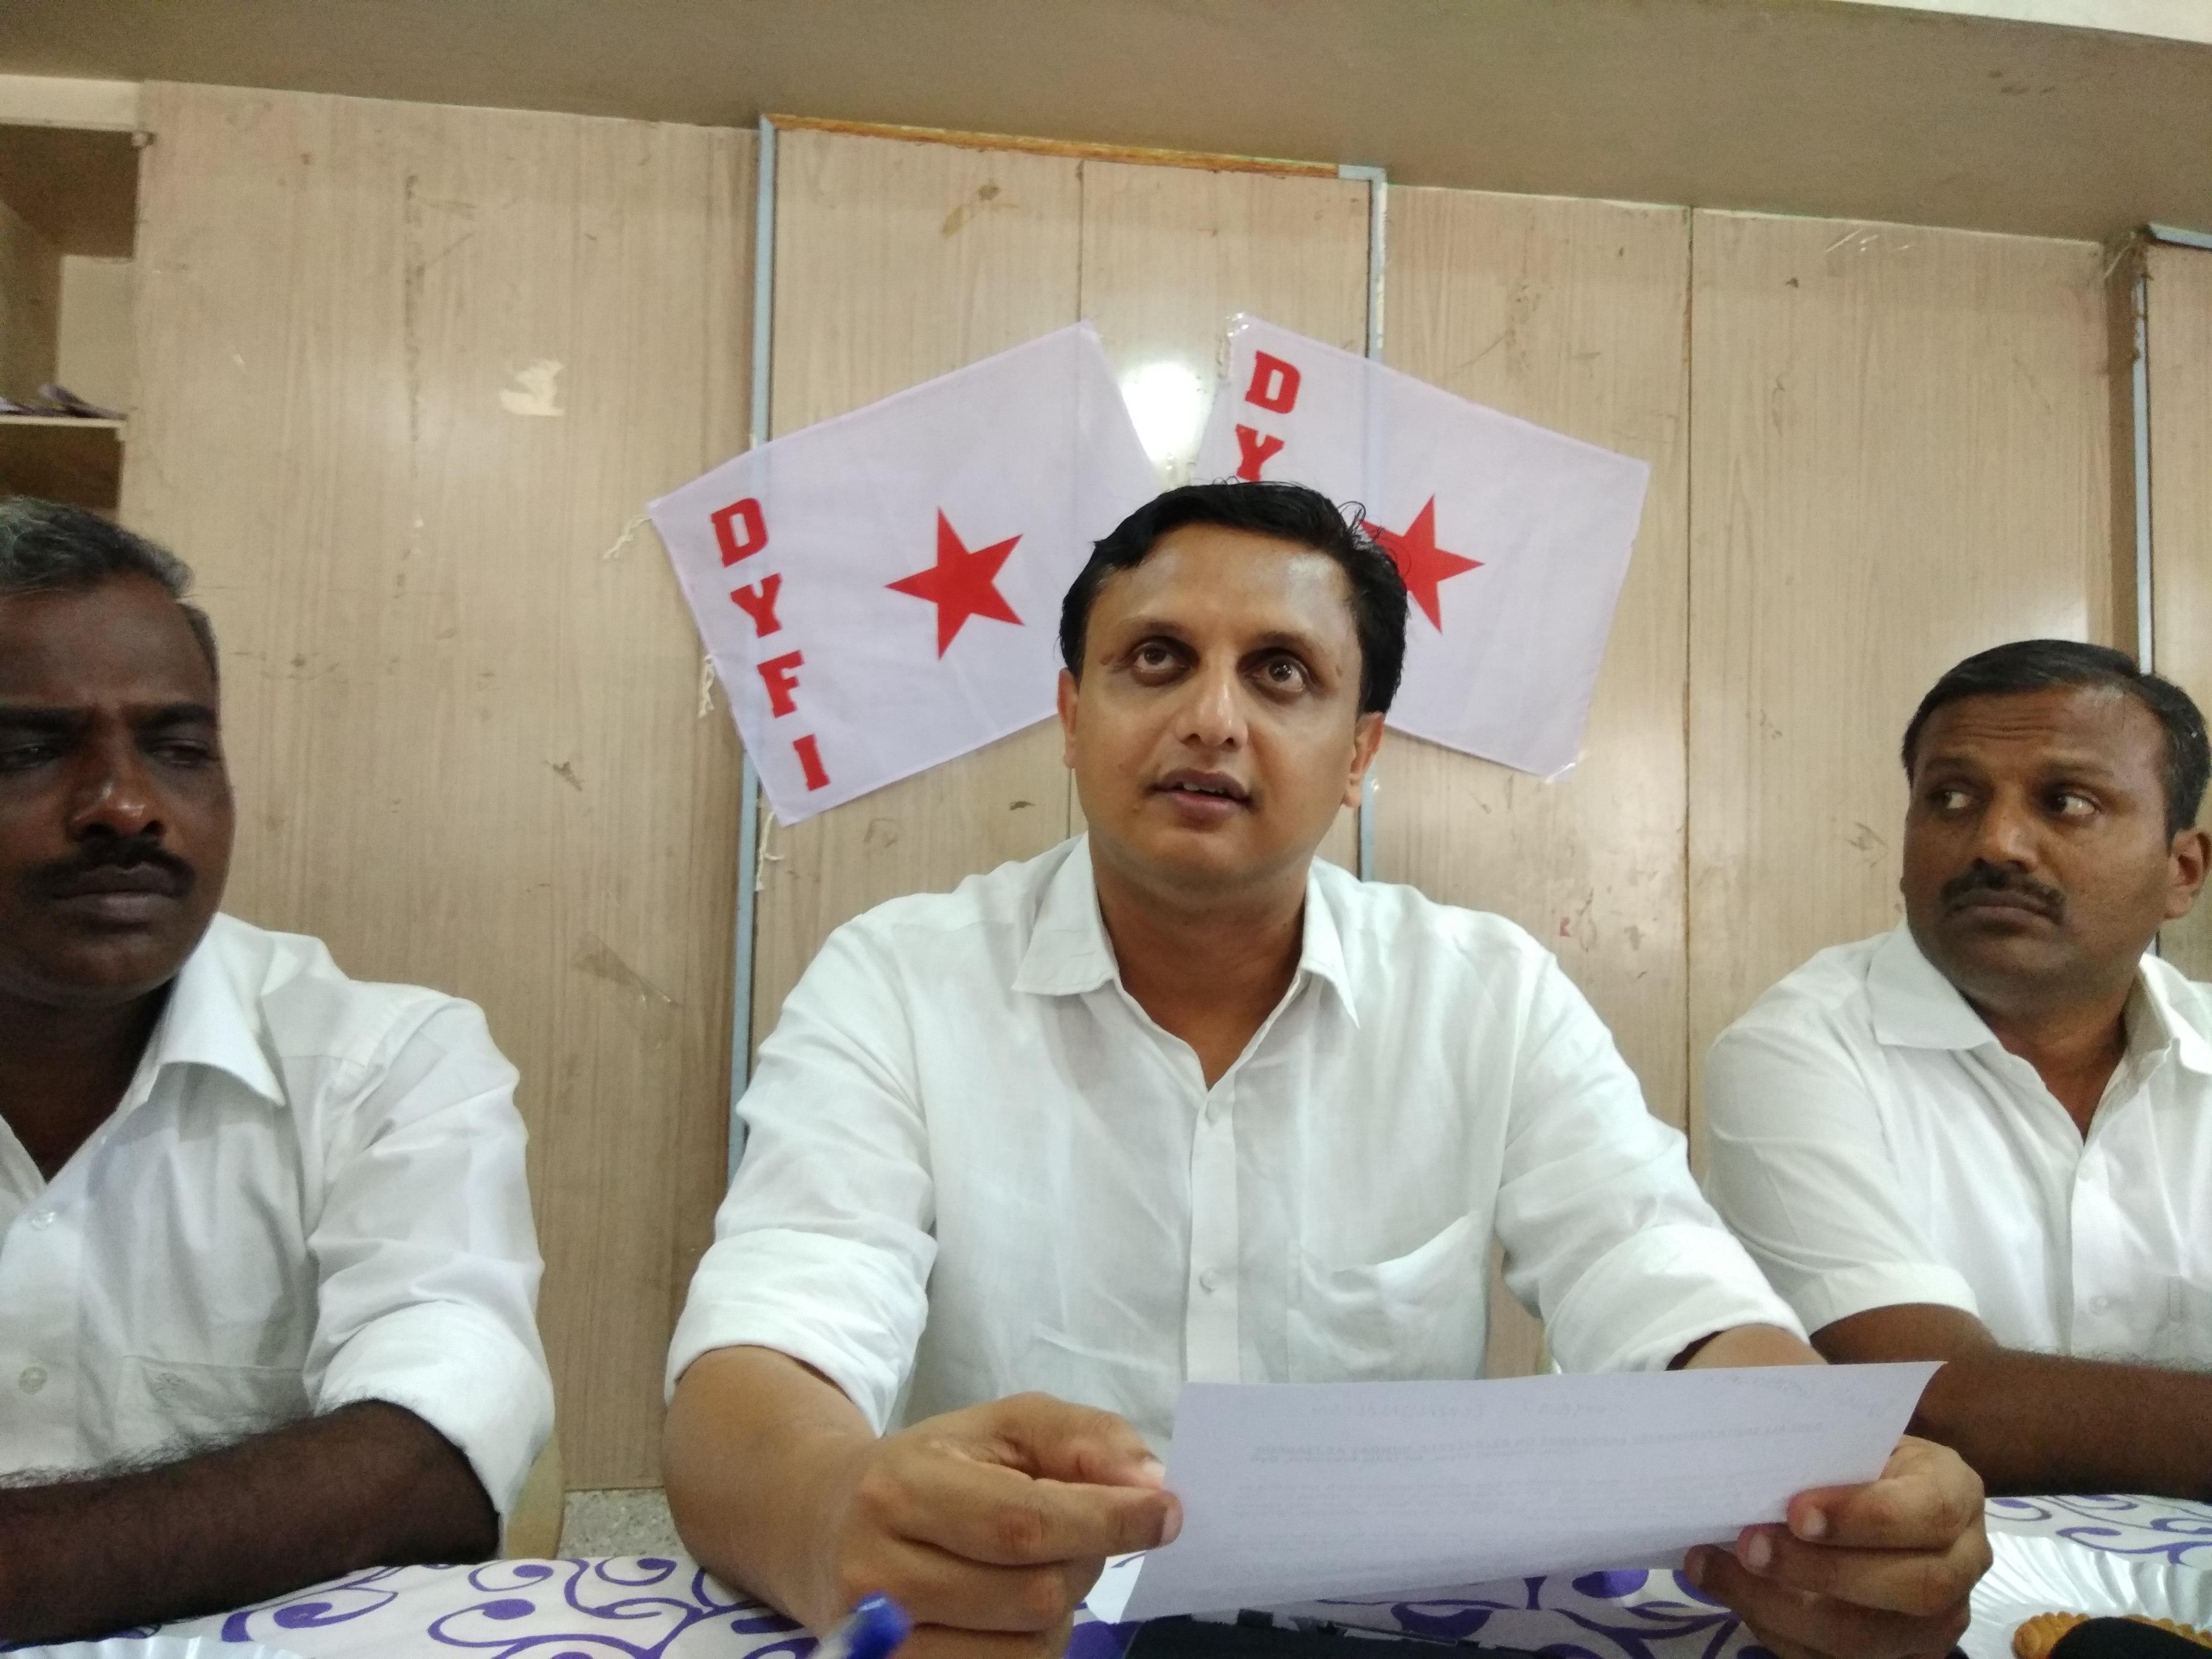 இந்திய ஜனநாயக வாலிபர் சங்க தலைவர் முகமது ரியாஸ்